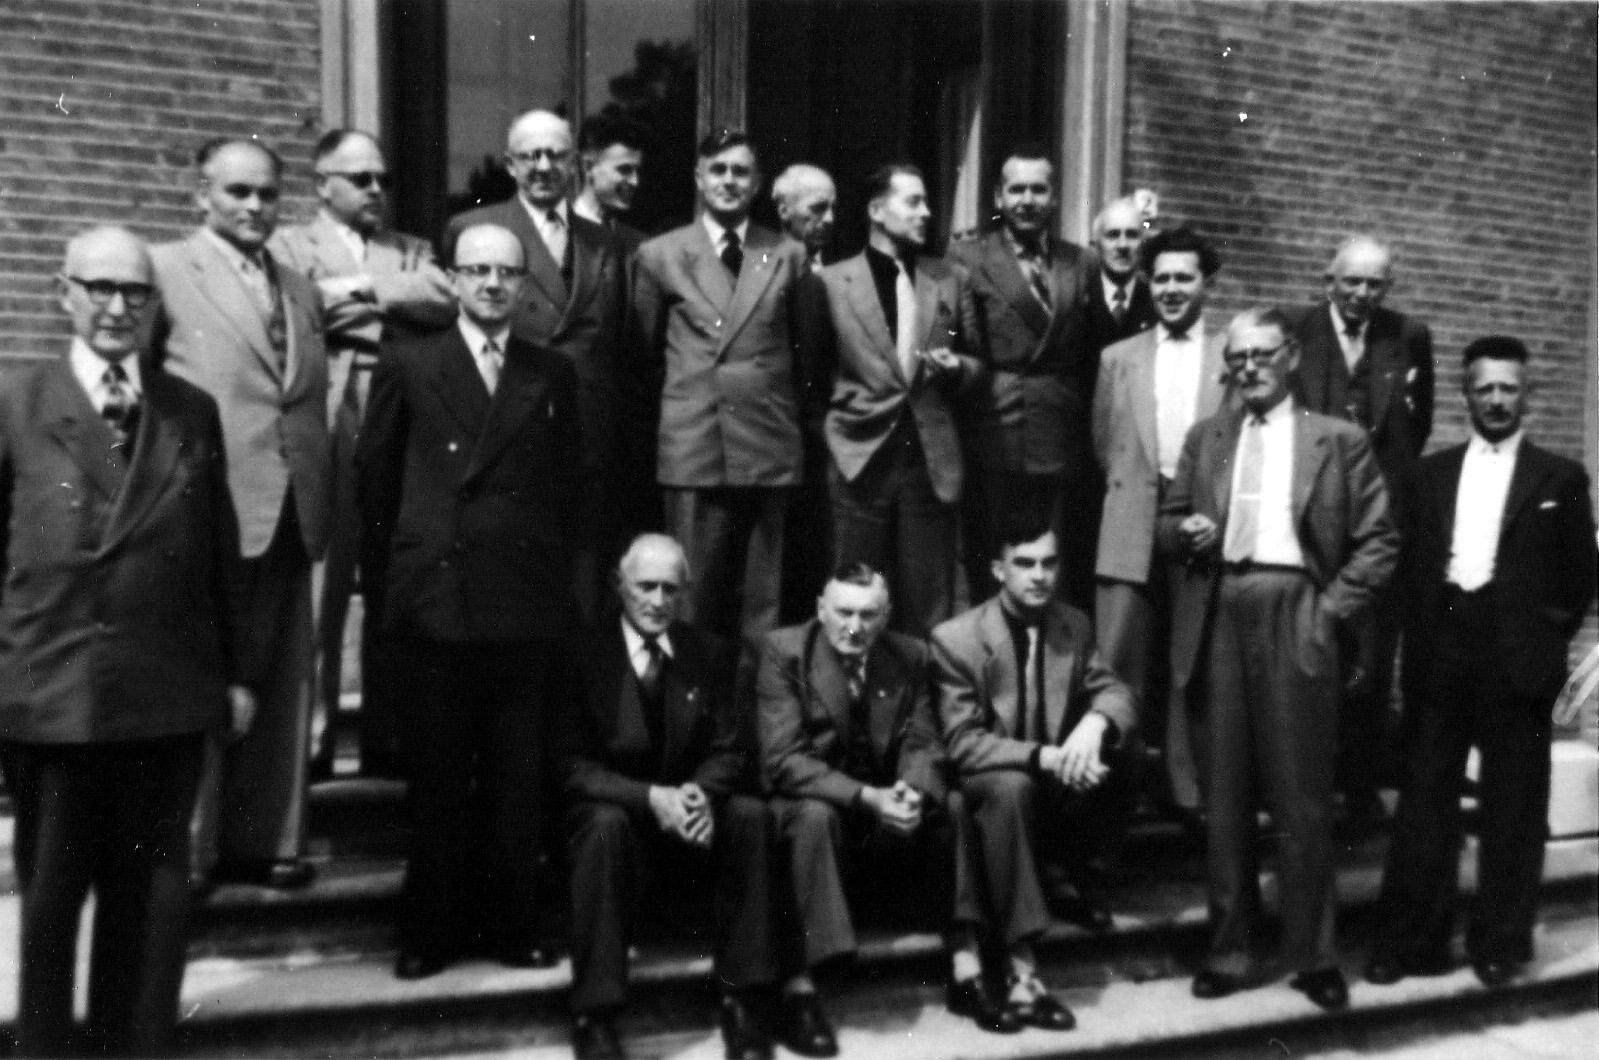 1939 Bescherming Bevolking met links voorzitter Sjef van Rooij